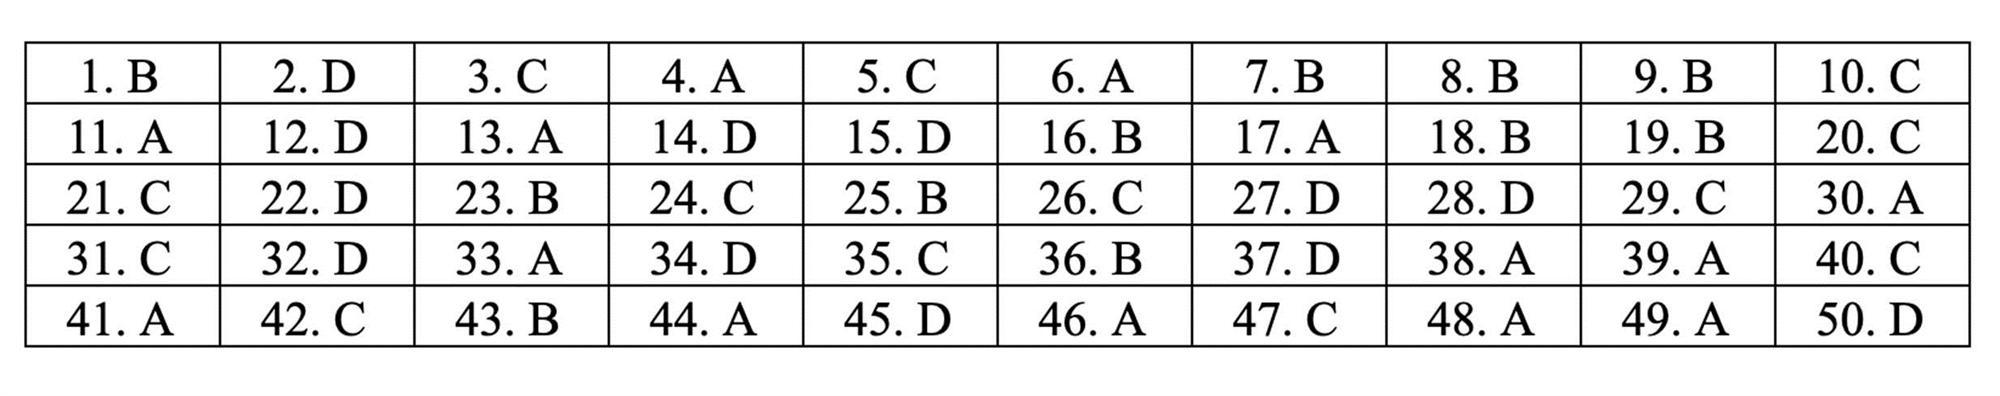 Đáp án tham khảo môn Toán thi THPT quốc gia 2019 tất cả mã đề-8